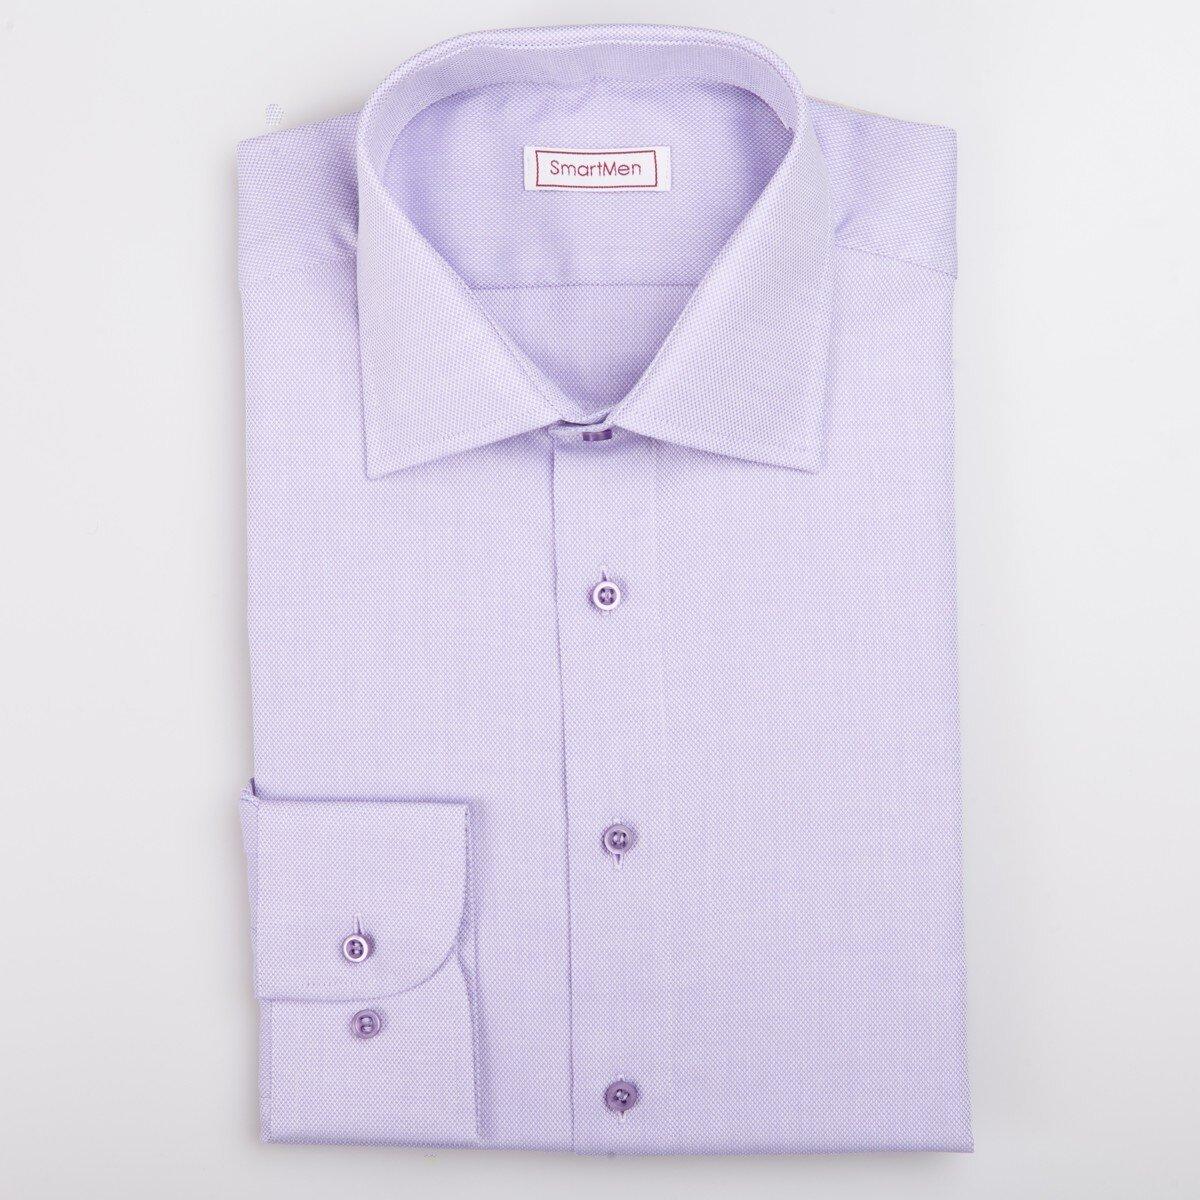 03caa0991733 Fialová pánska košeľa Oxford látka gombíky tón v tóne SmartMen